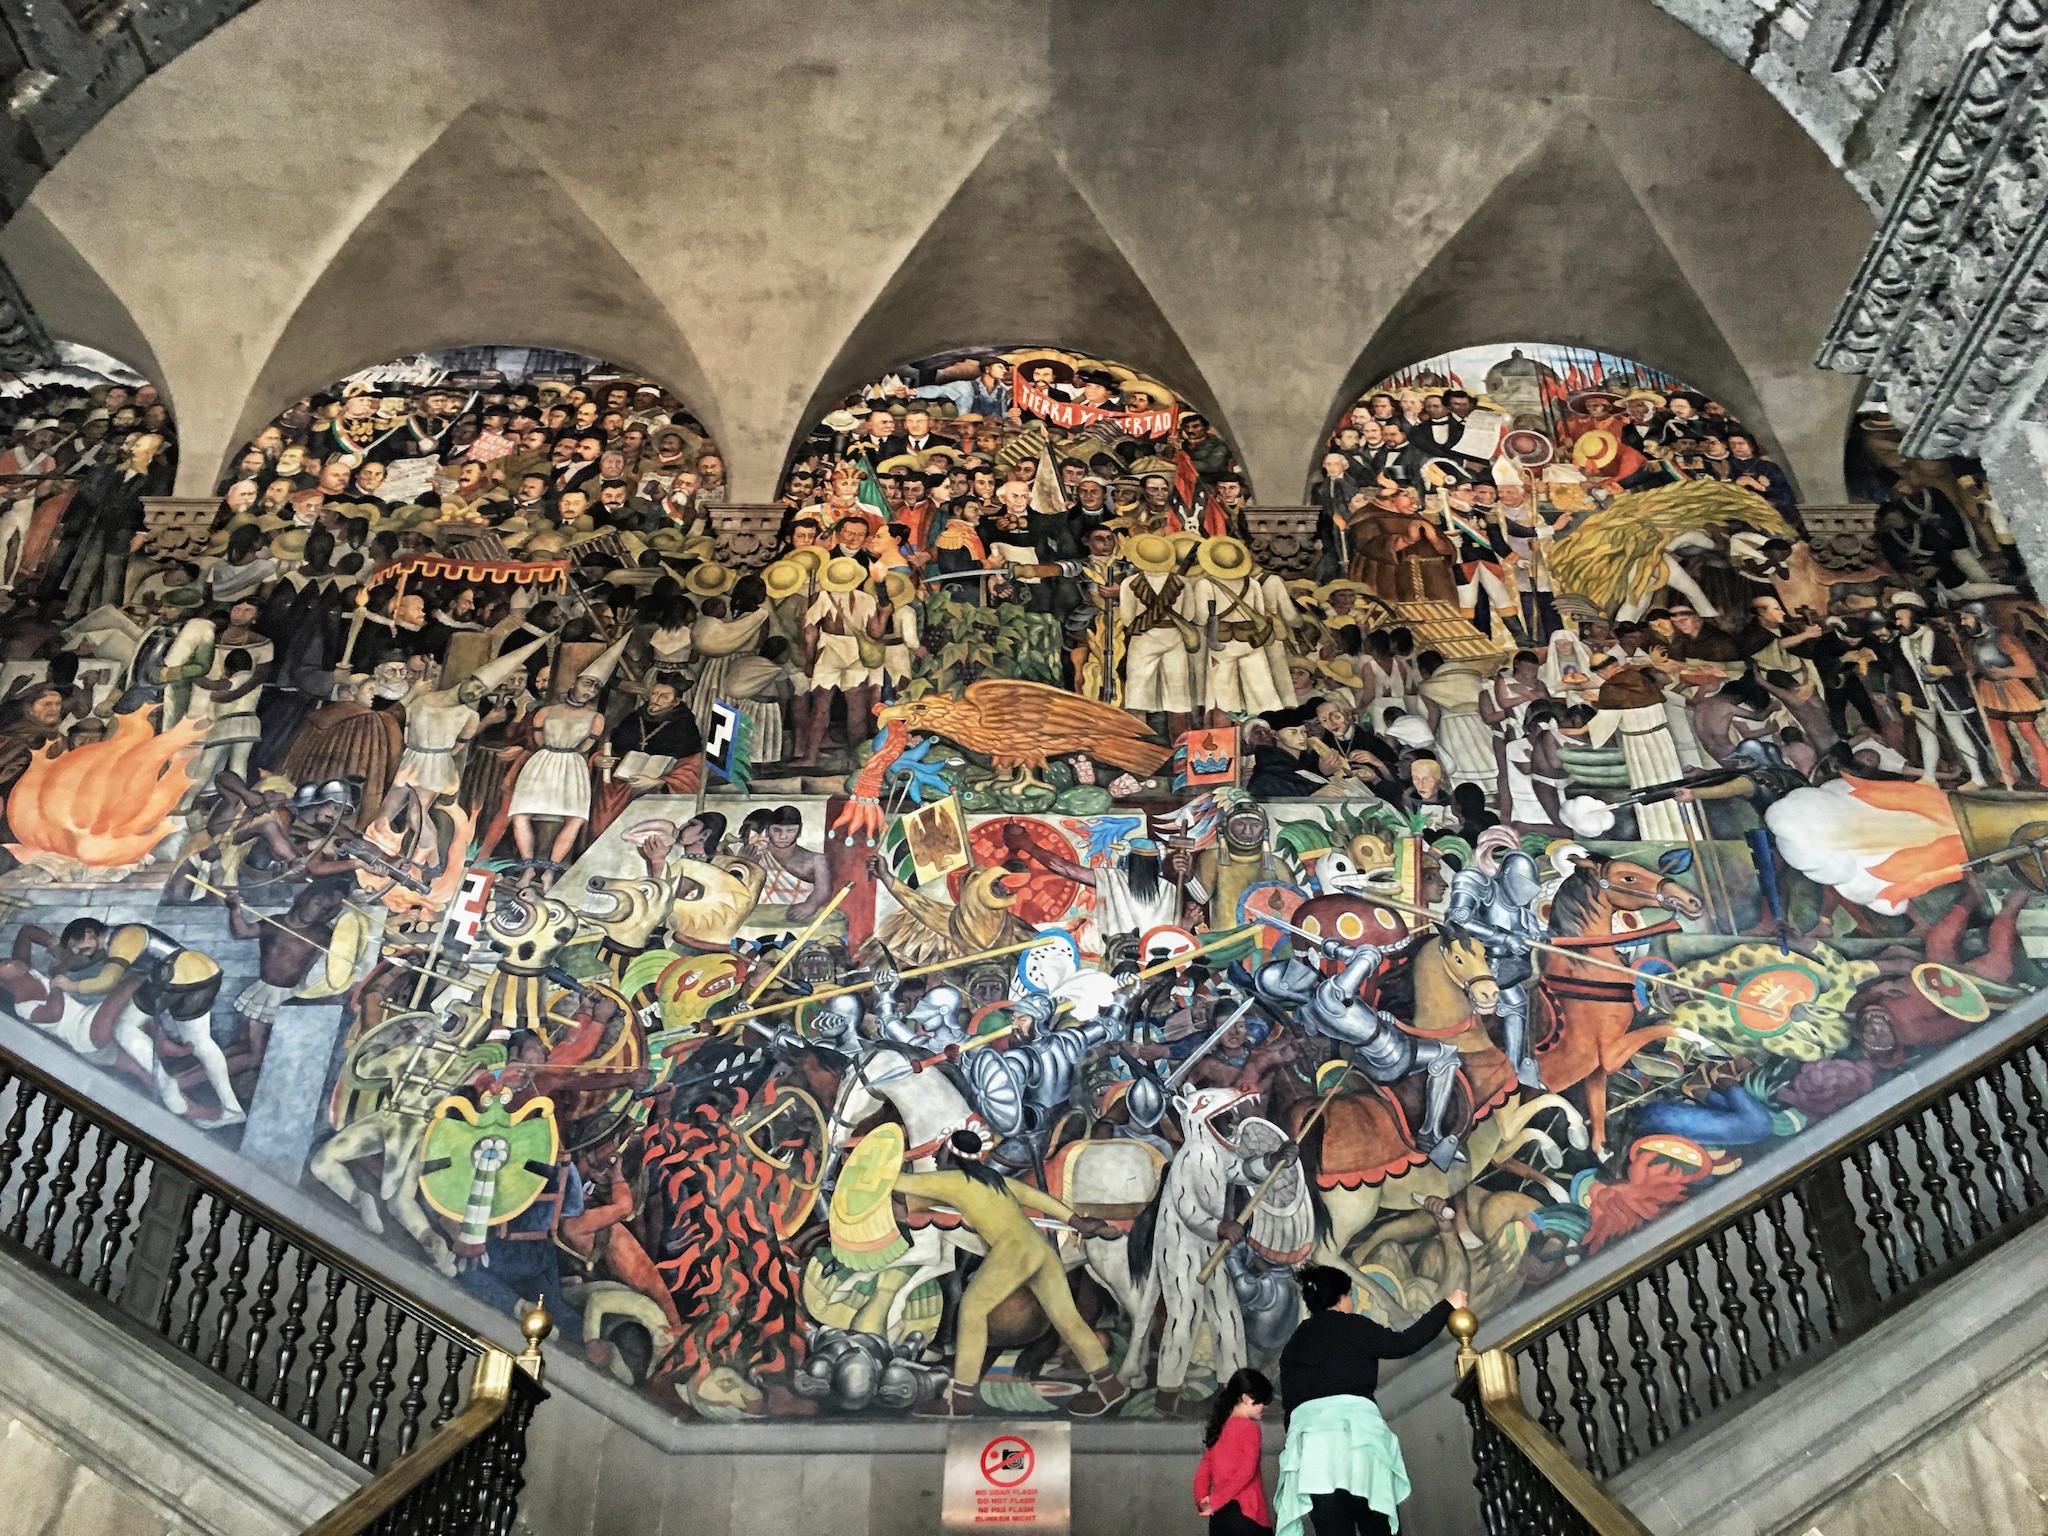 Res: 2048x1536, Murals by Diego Rivera, Palacio Nacional de Mexico